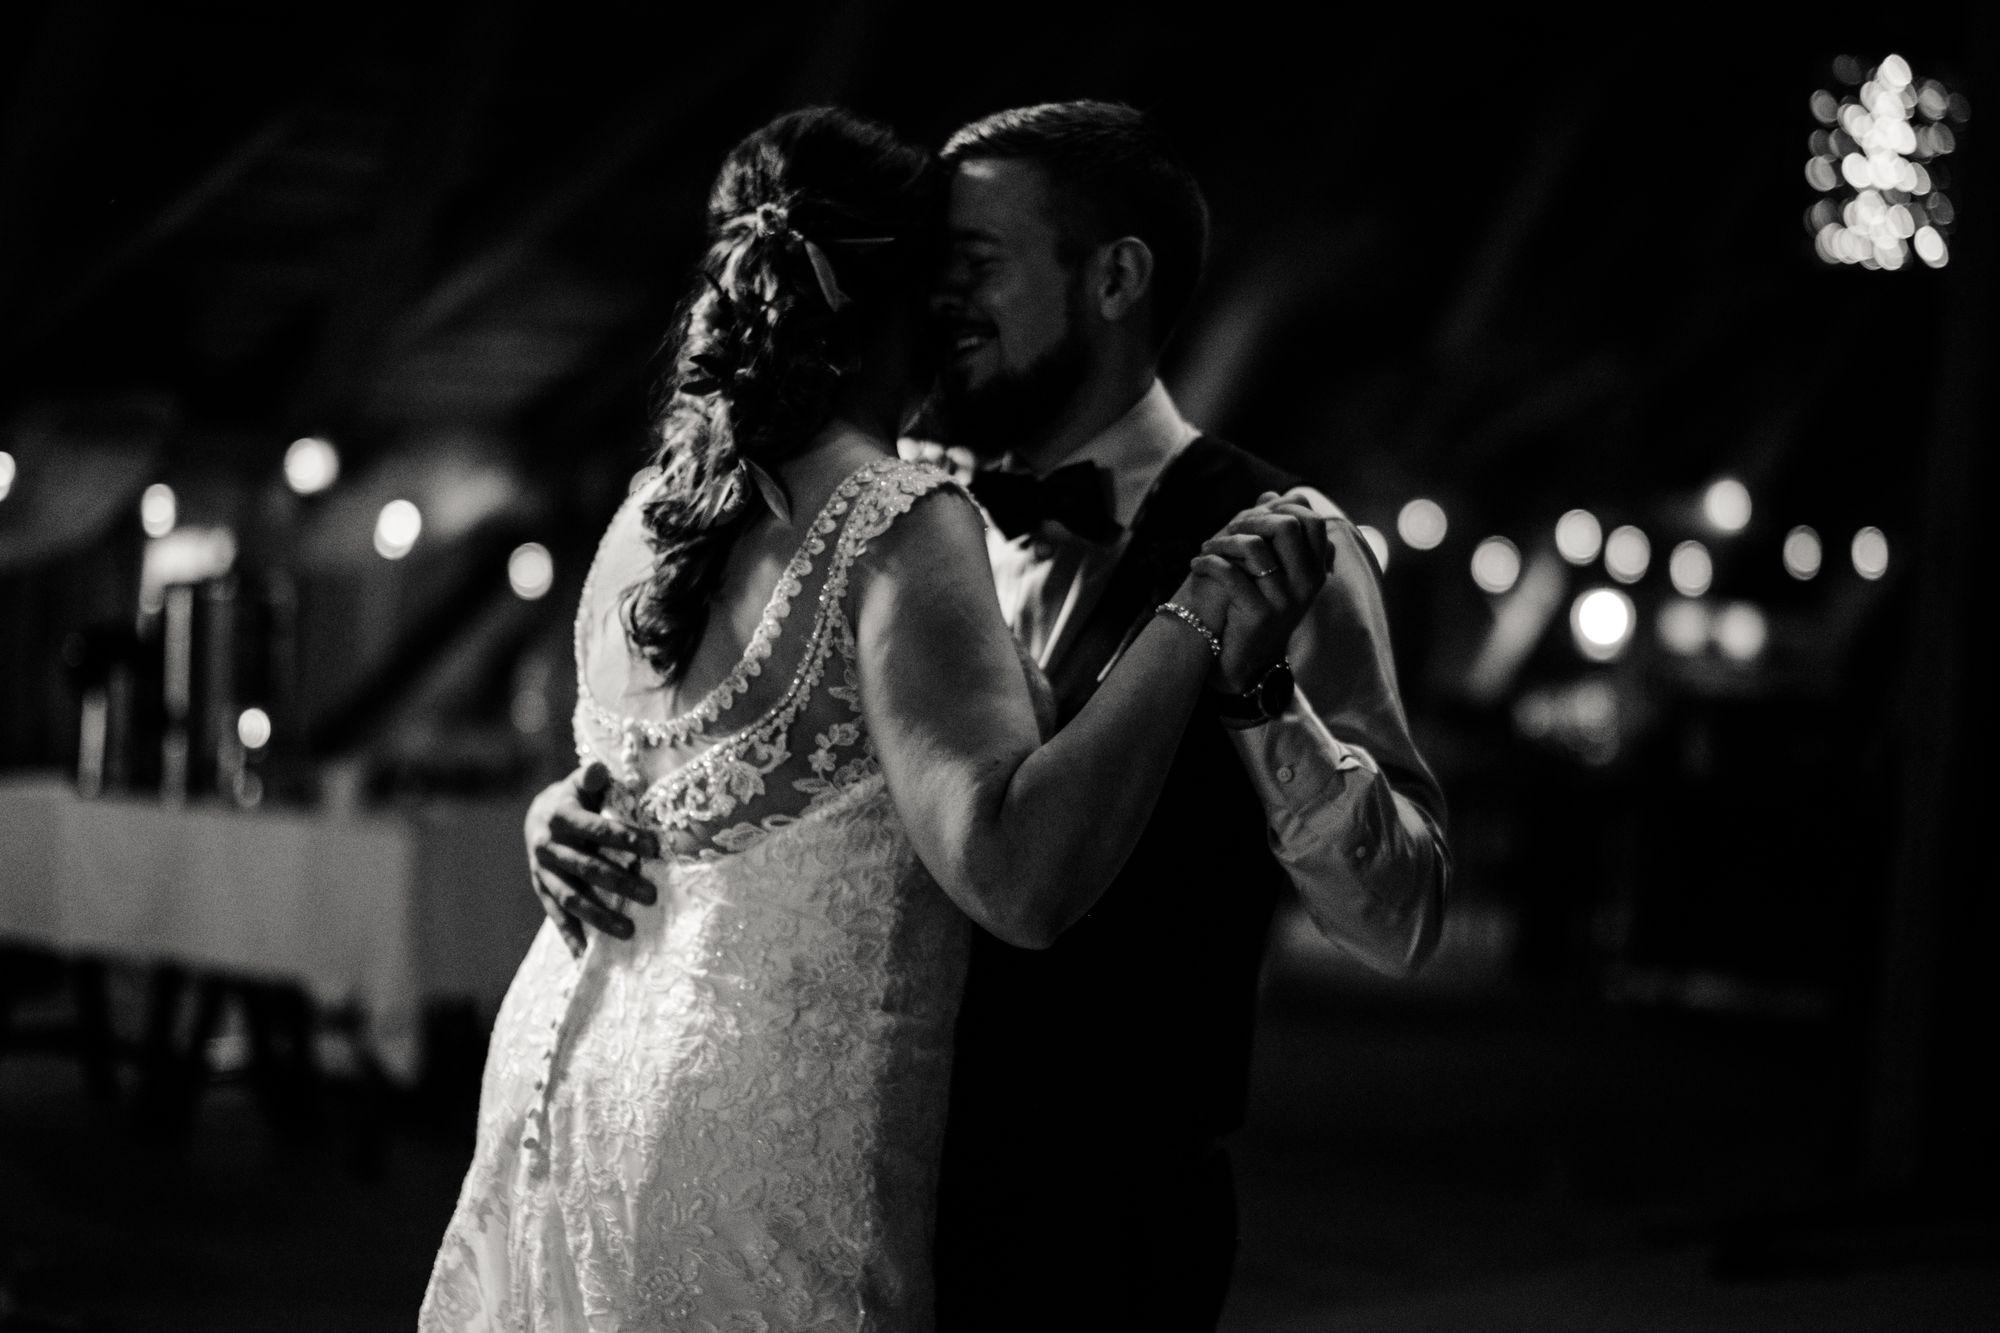 JS Photography – varaa hääkuvajaa venuu.fi:stä